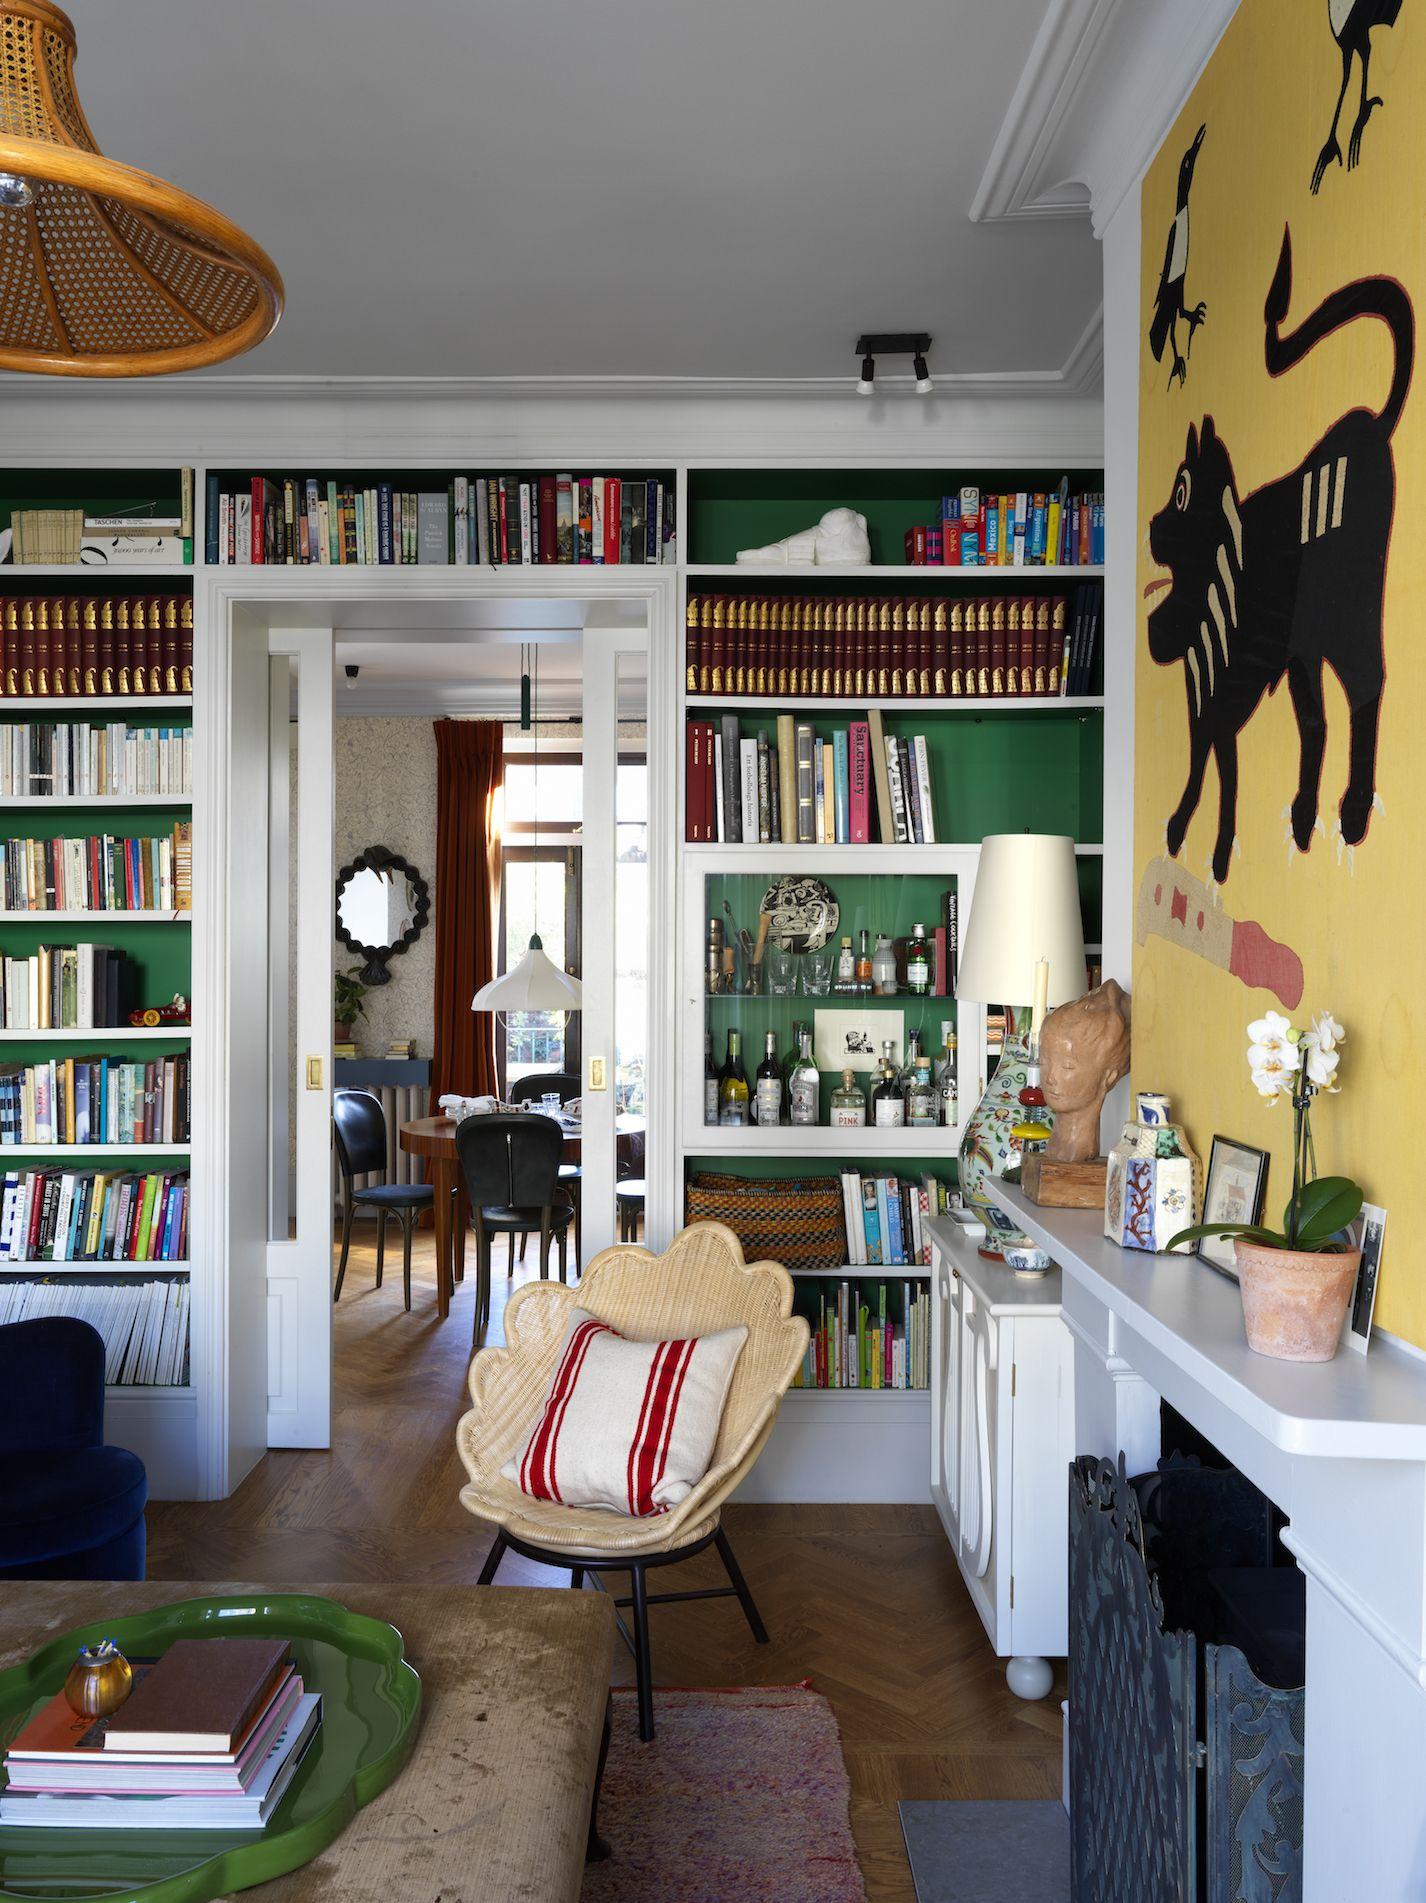 Elle Decor Interior Designers best interior designers - 100+ top interior designers from